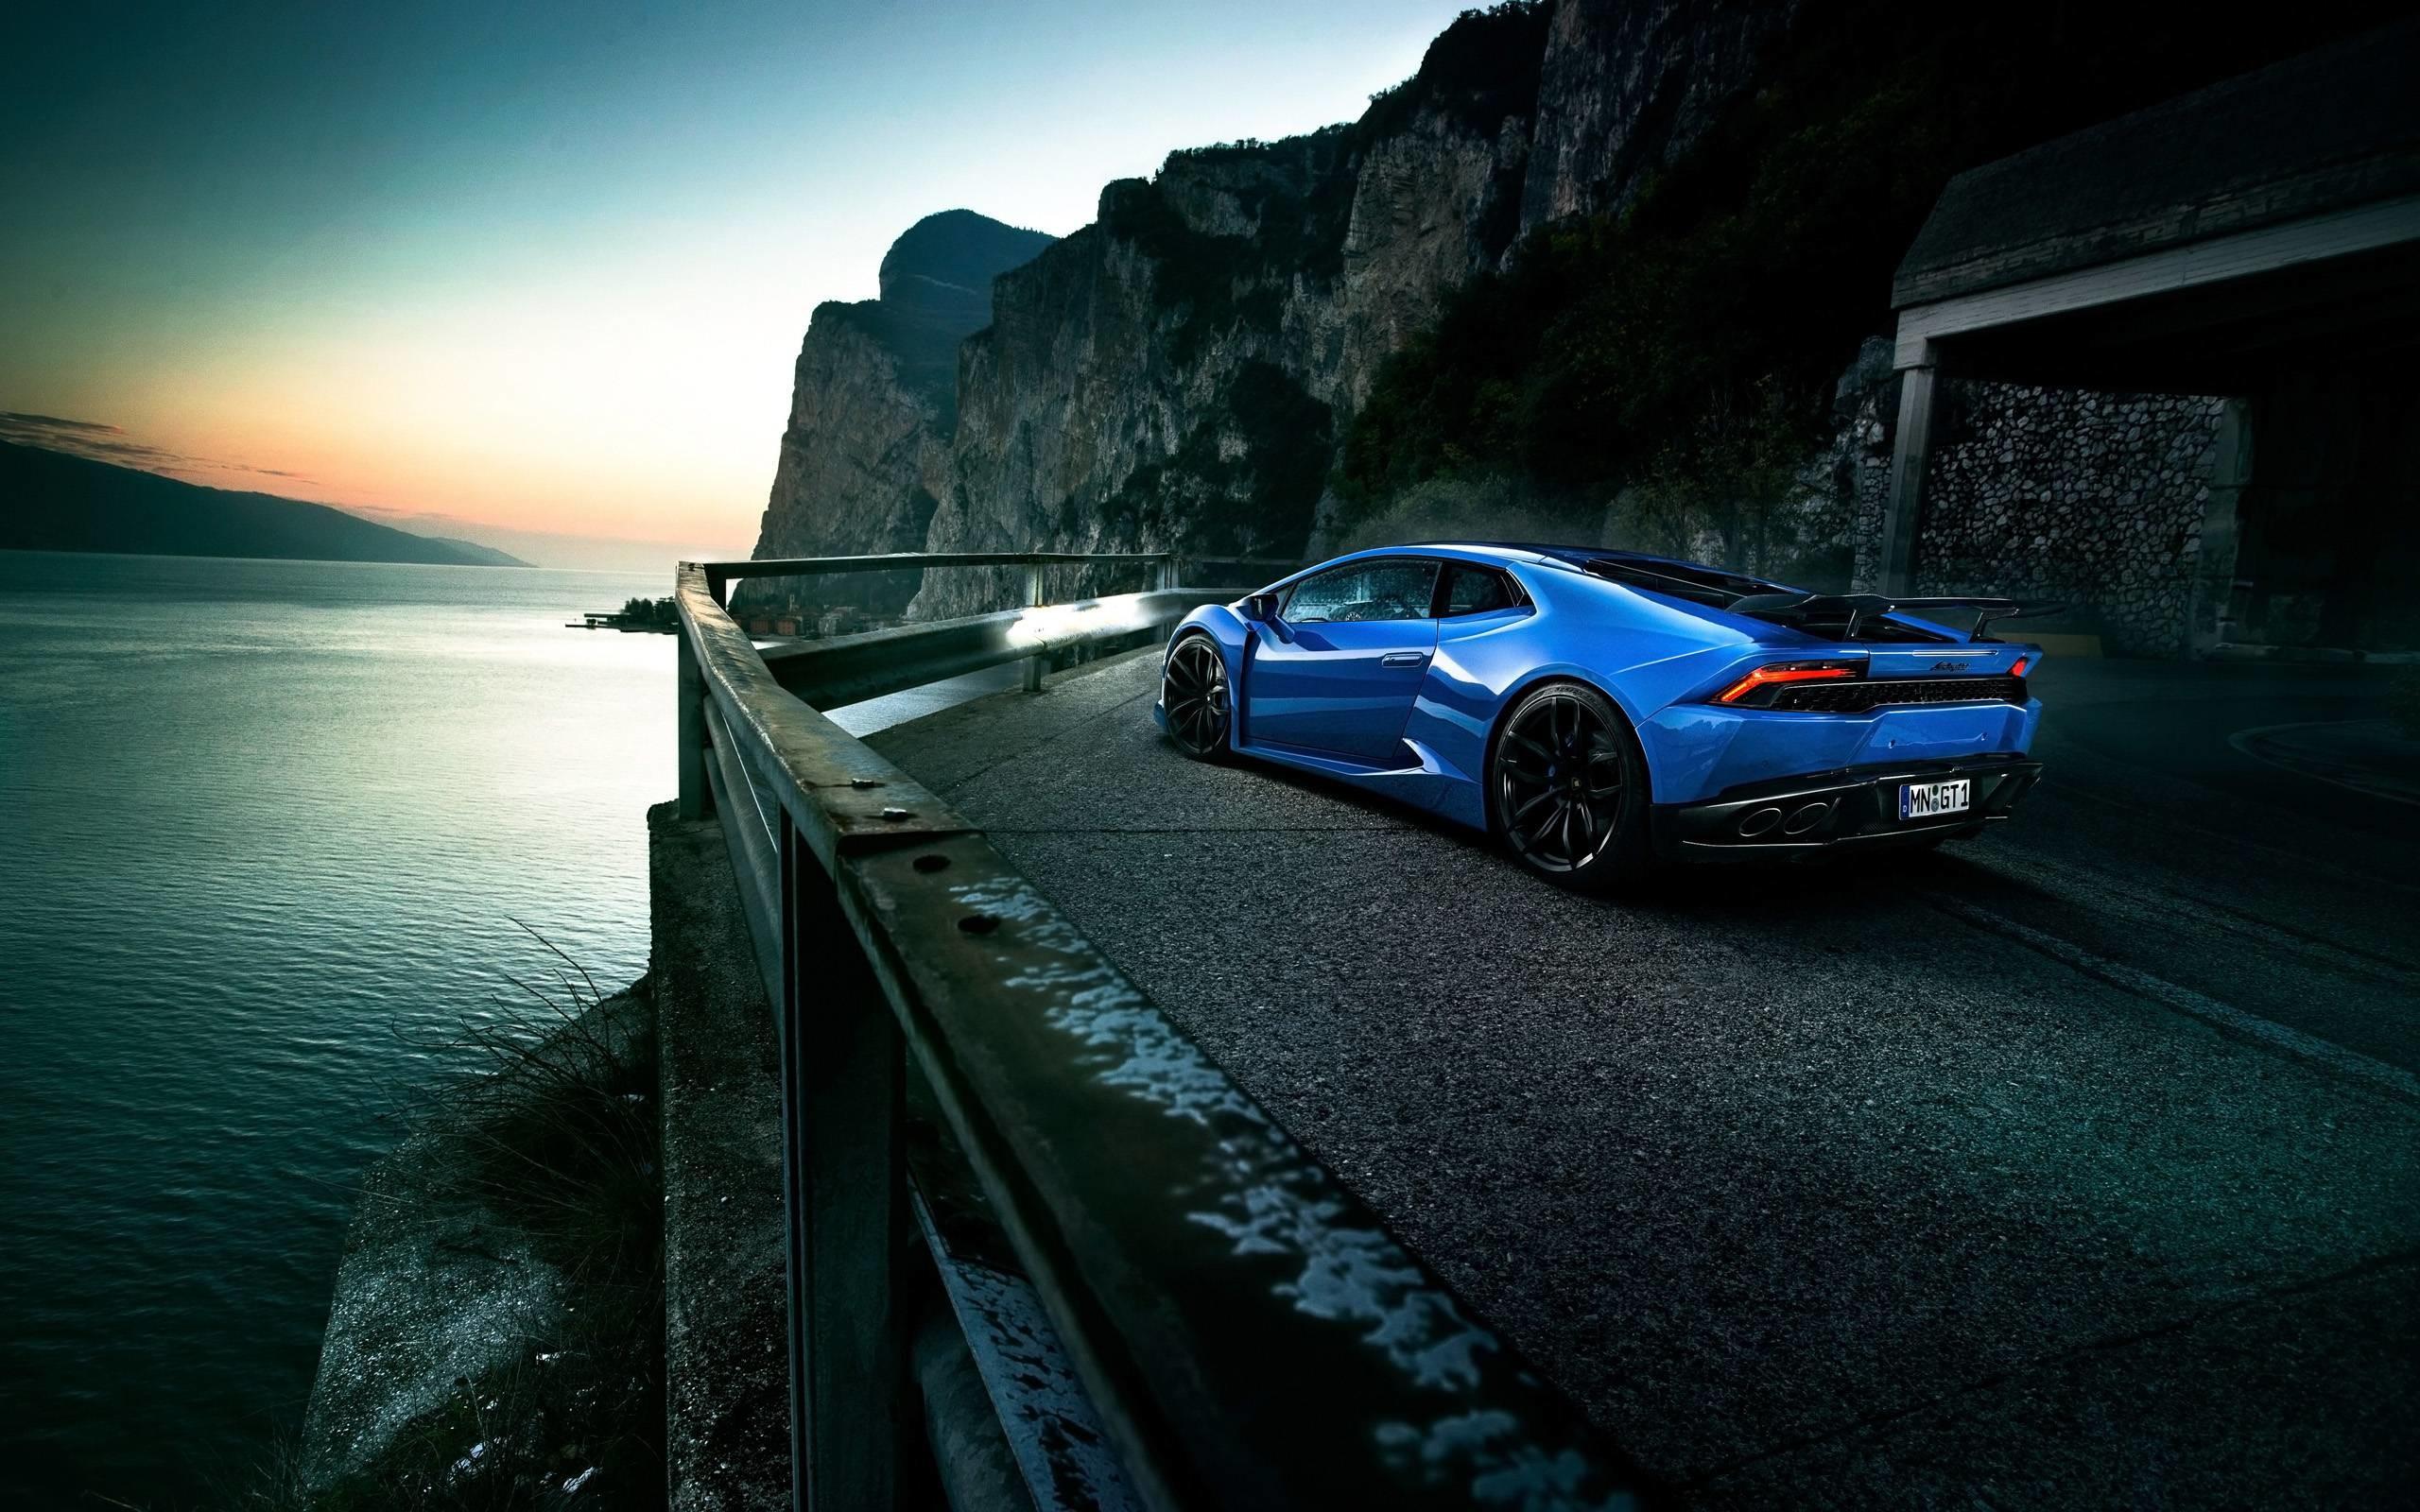 Lamborghini Huracan Wallpapers ① Wallpapertag